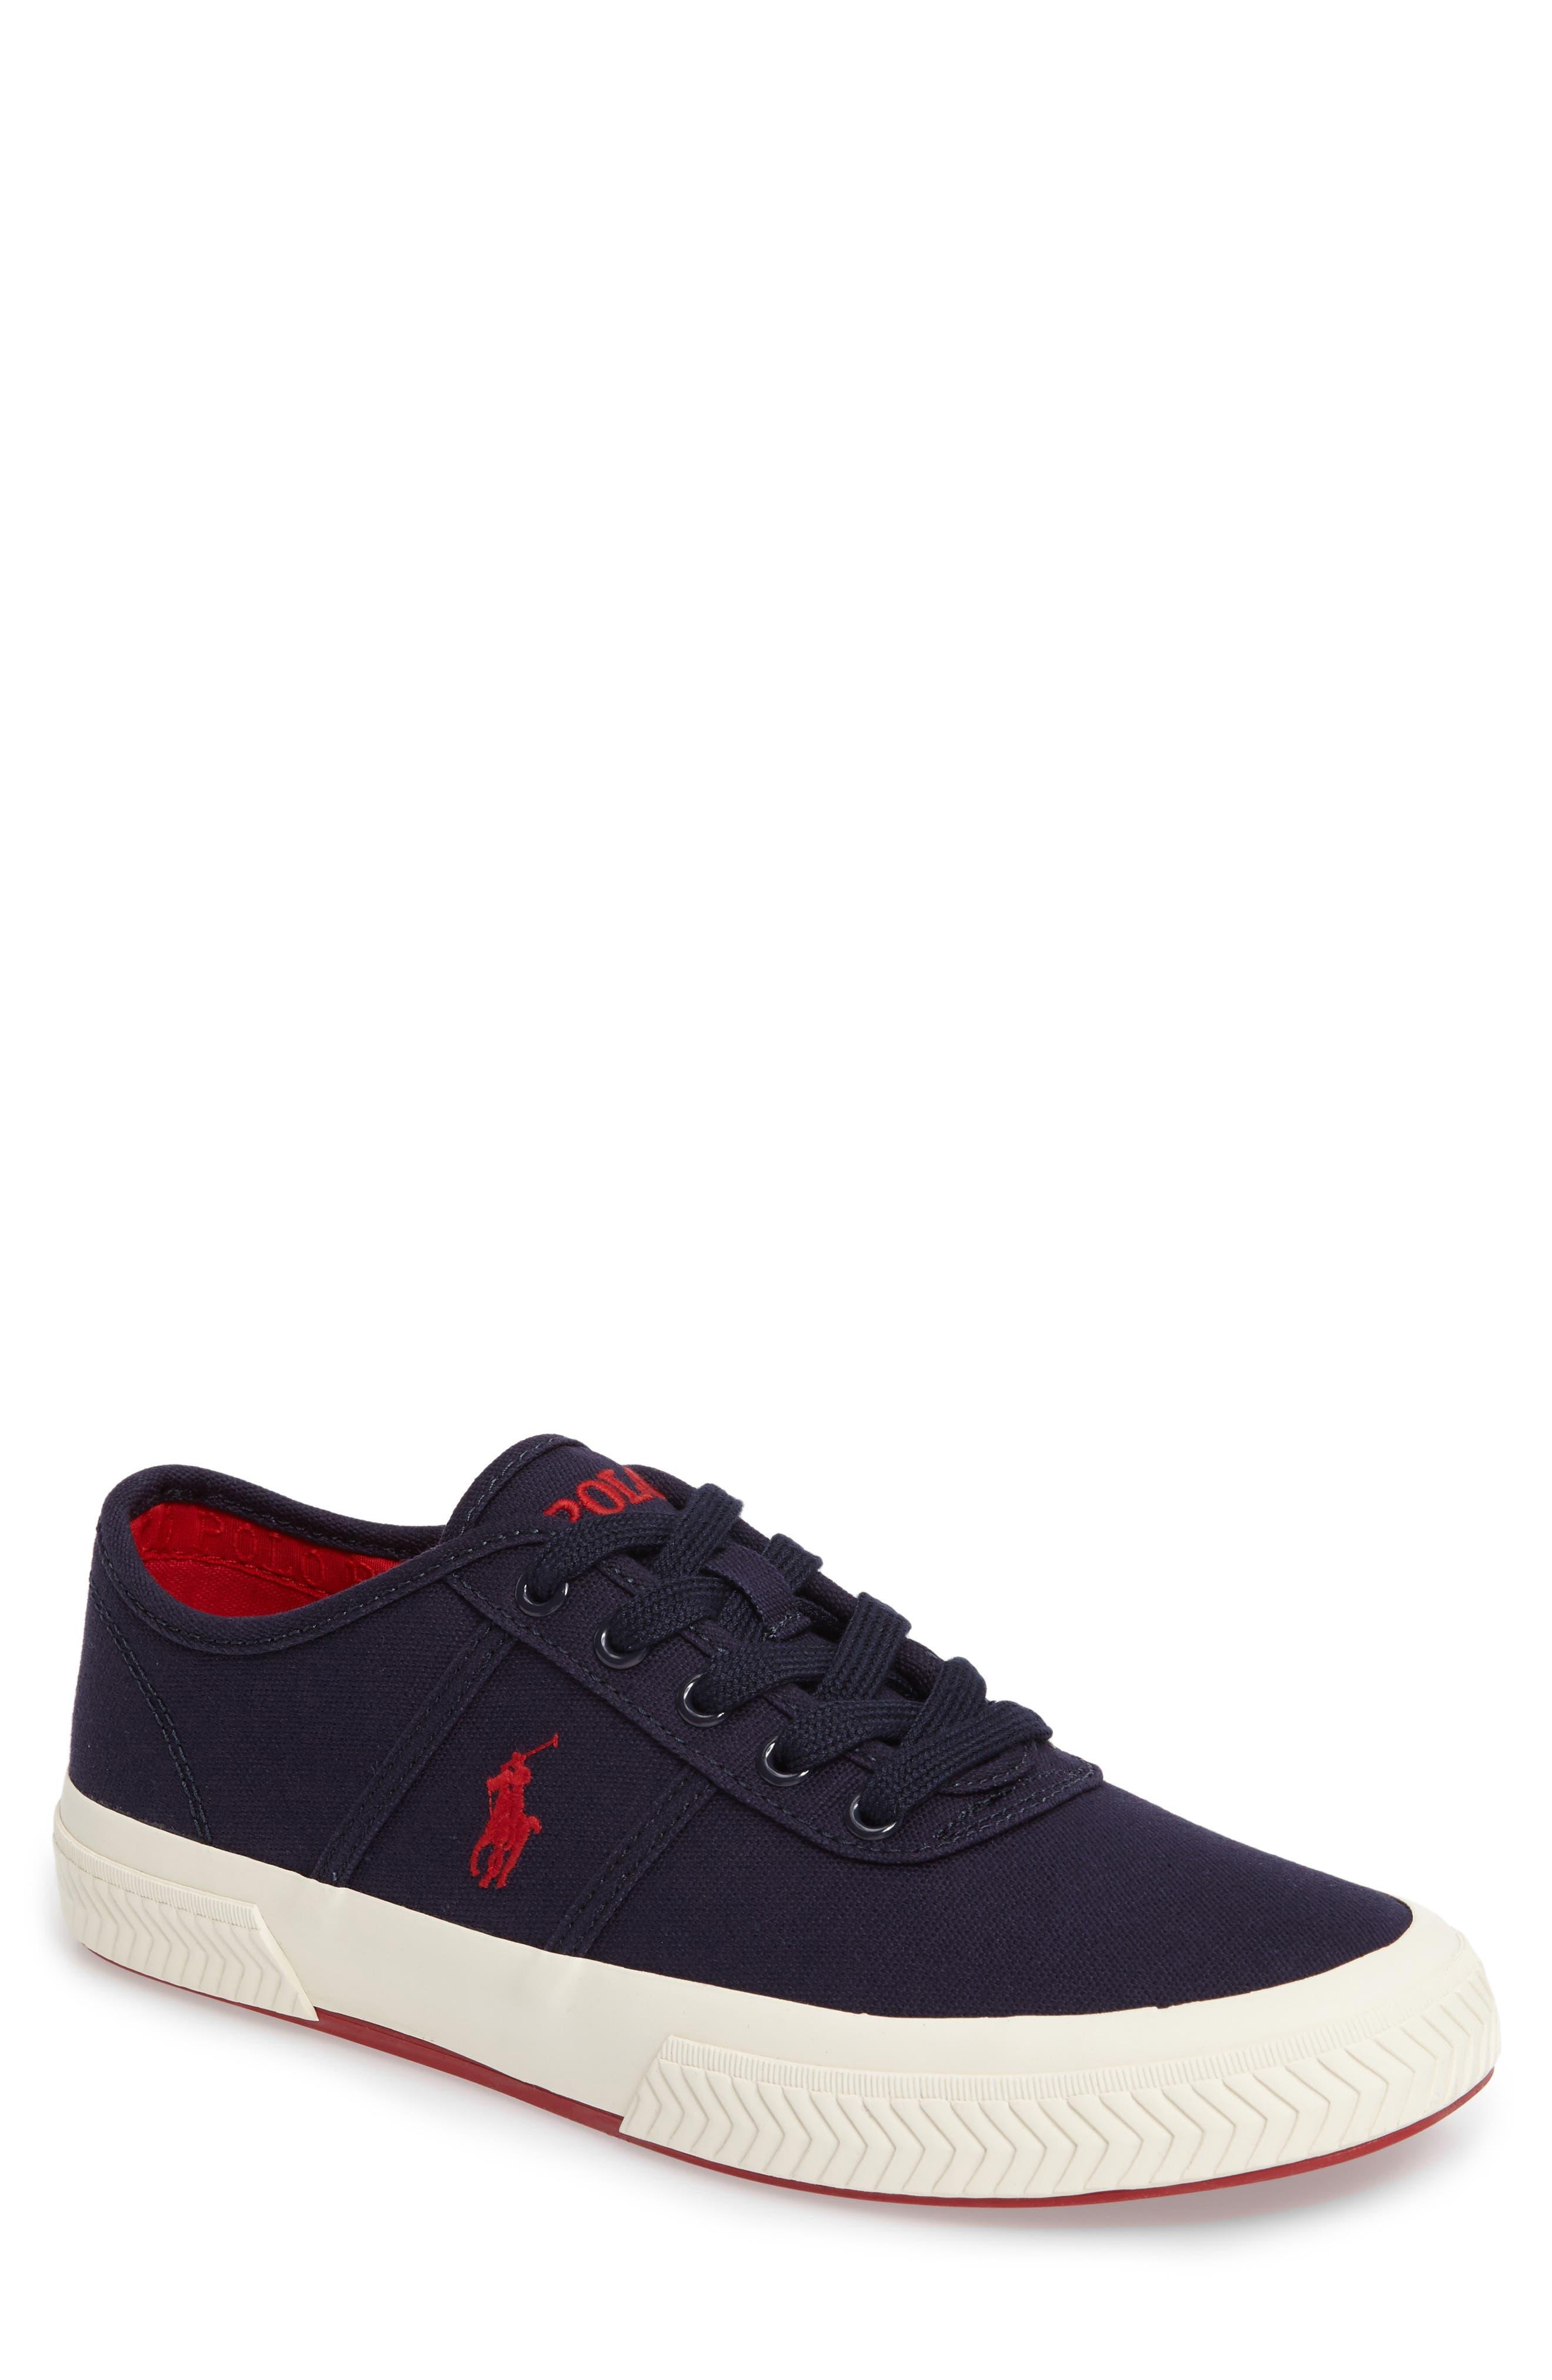 Polo Ralph Lauren Tyrian Sneaker,                         Main,                         color, Newport Navy